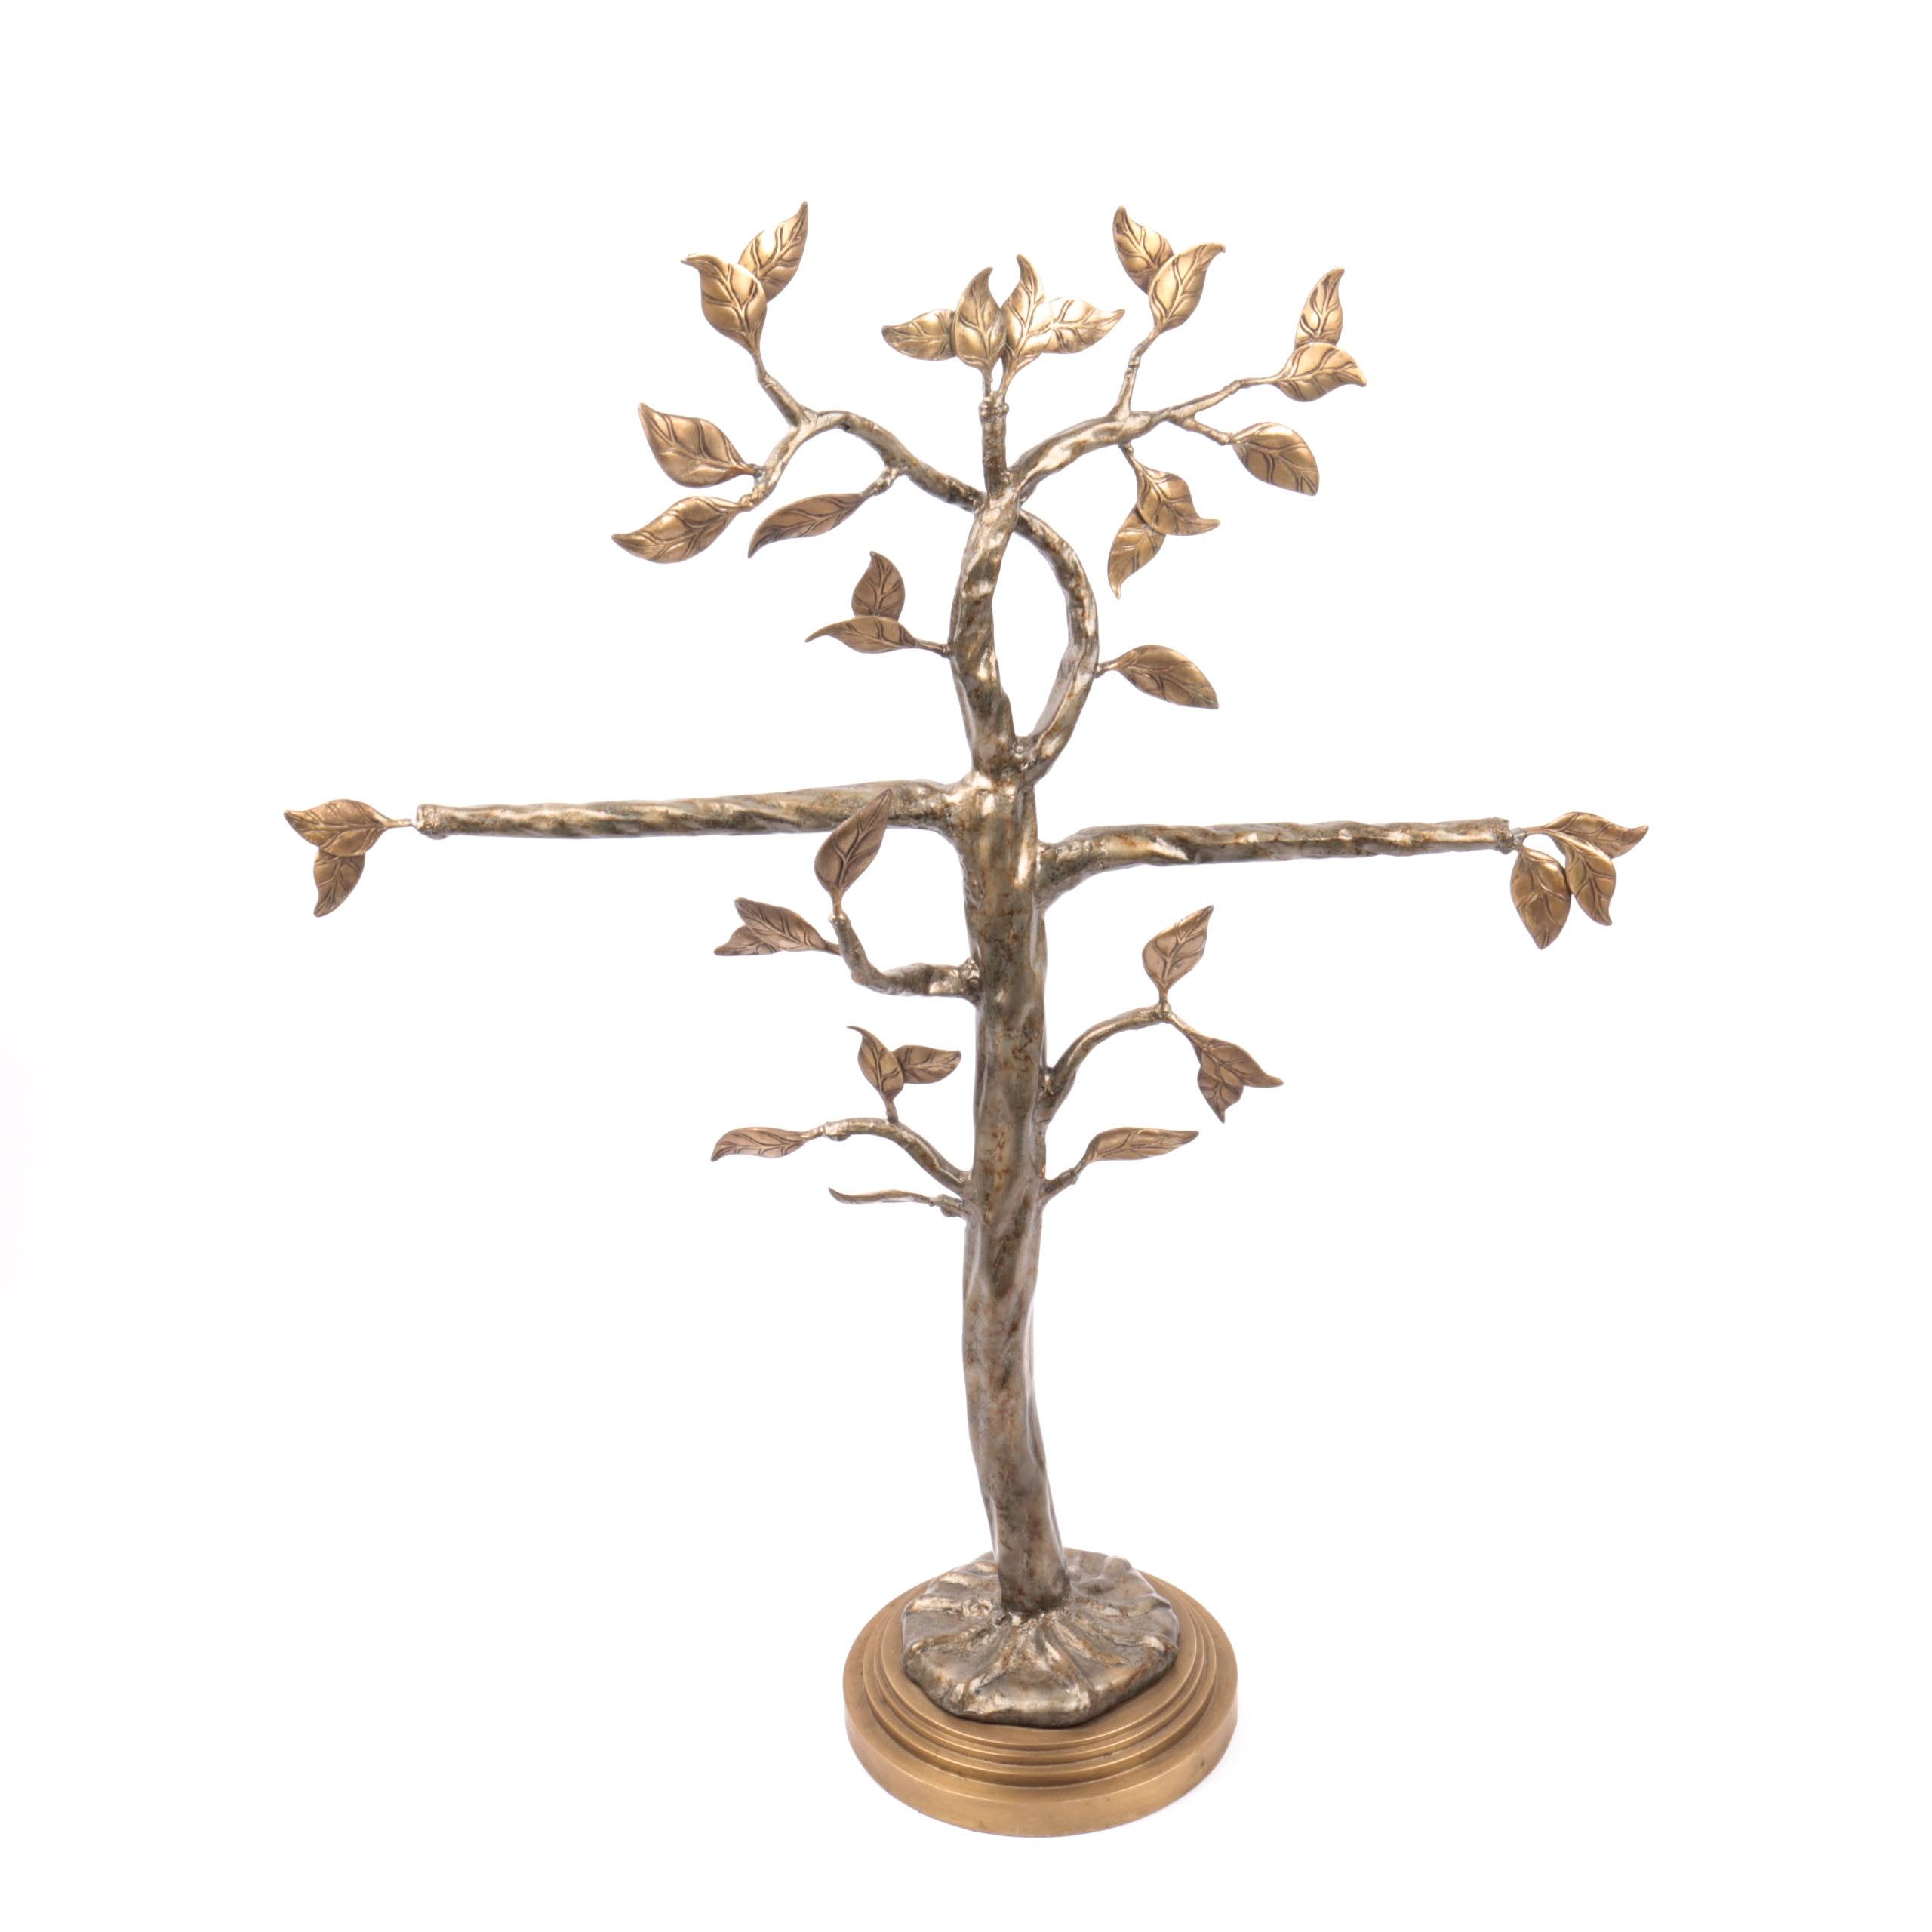 Maitland-Smith Brass Jewelry Tree